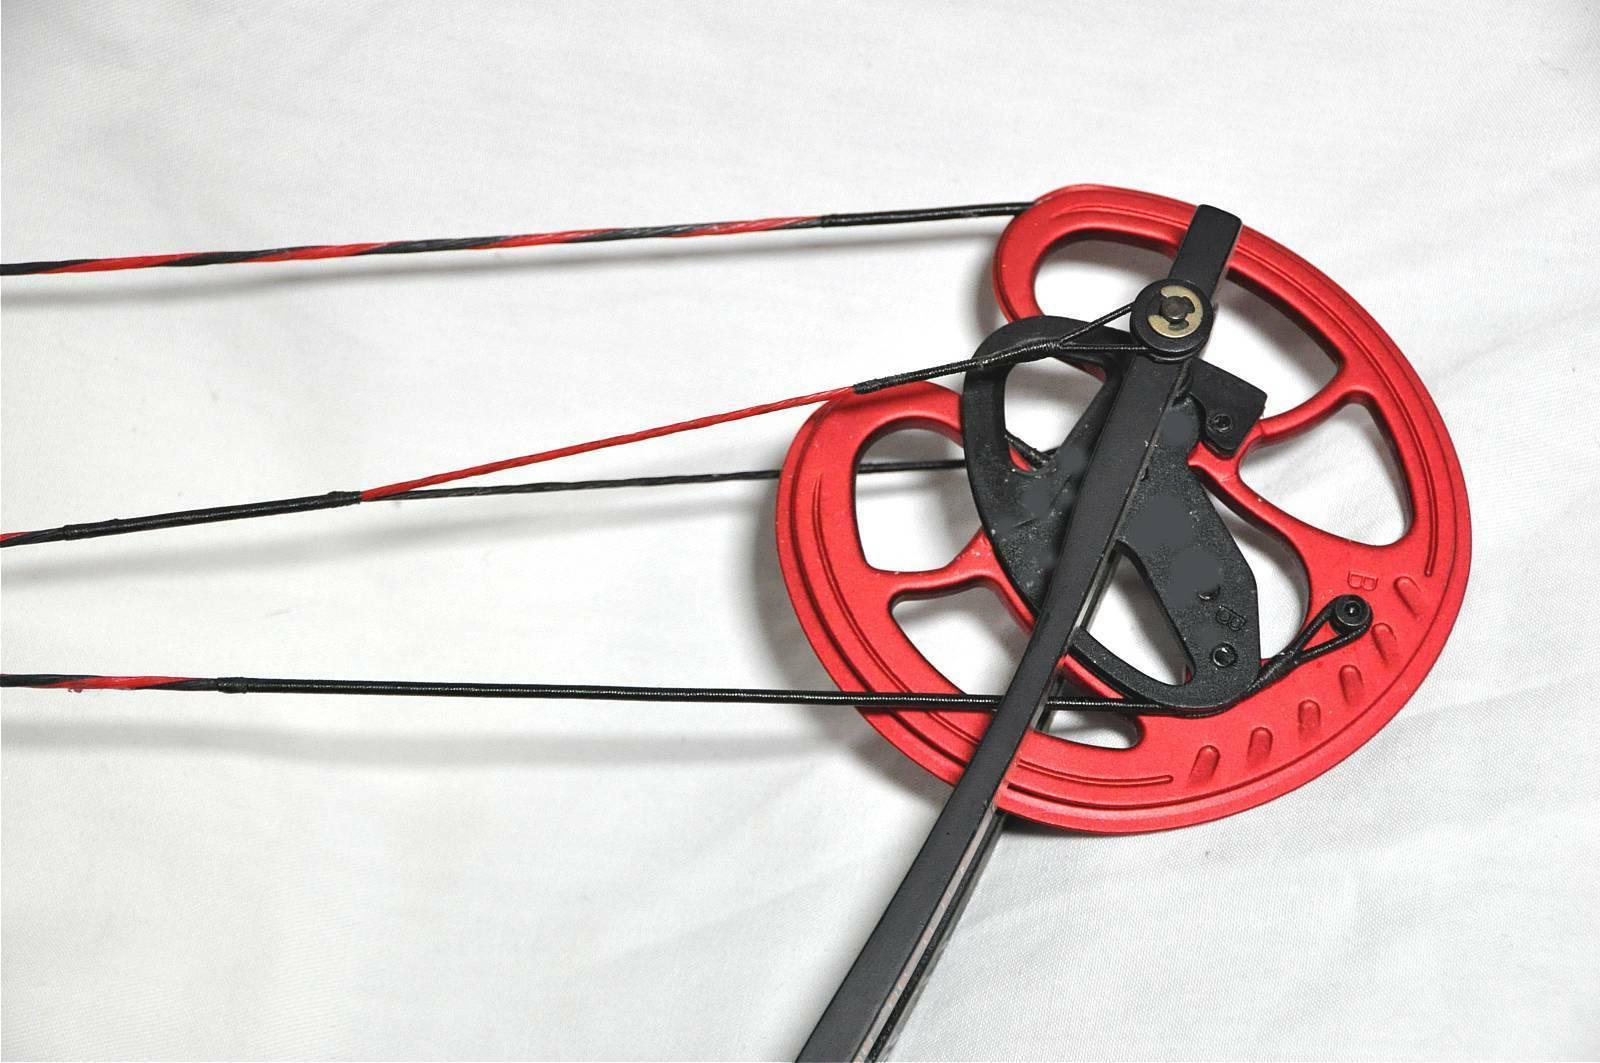 HUNTER Barnett Vortex Compound Bow Lot of accessories